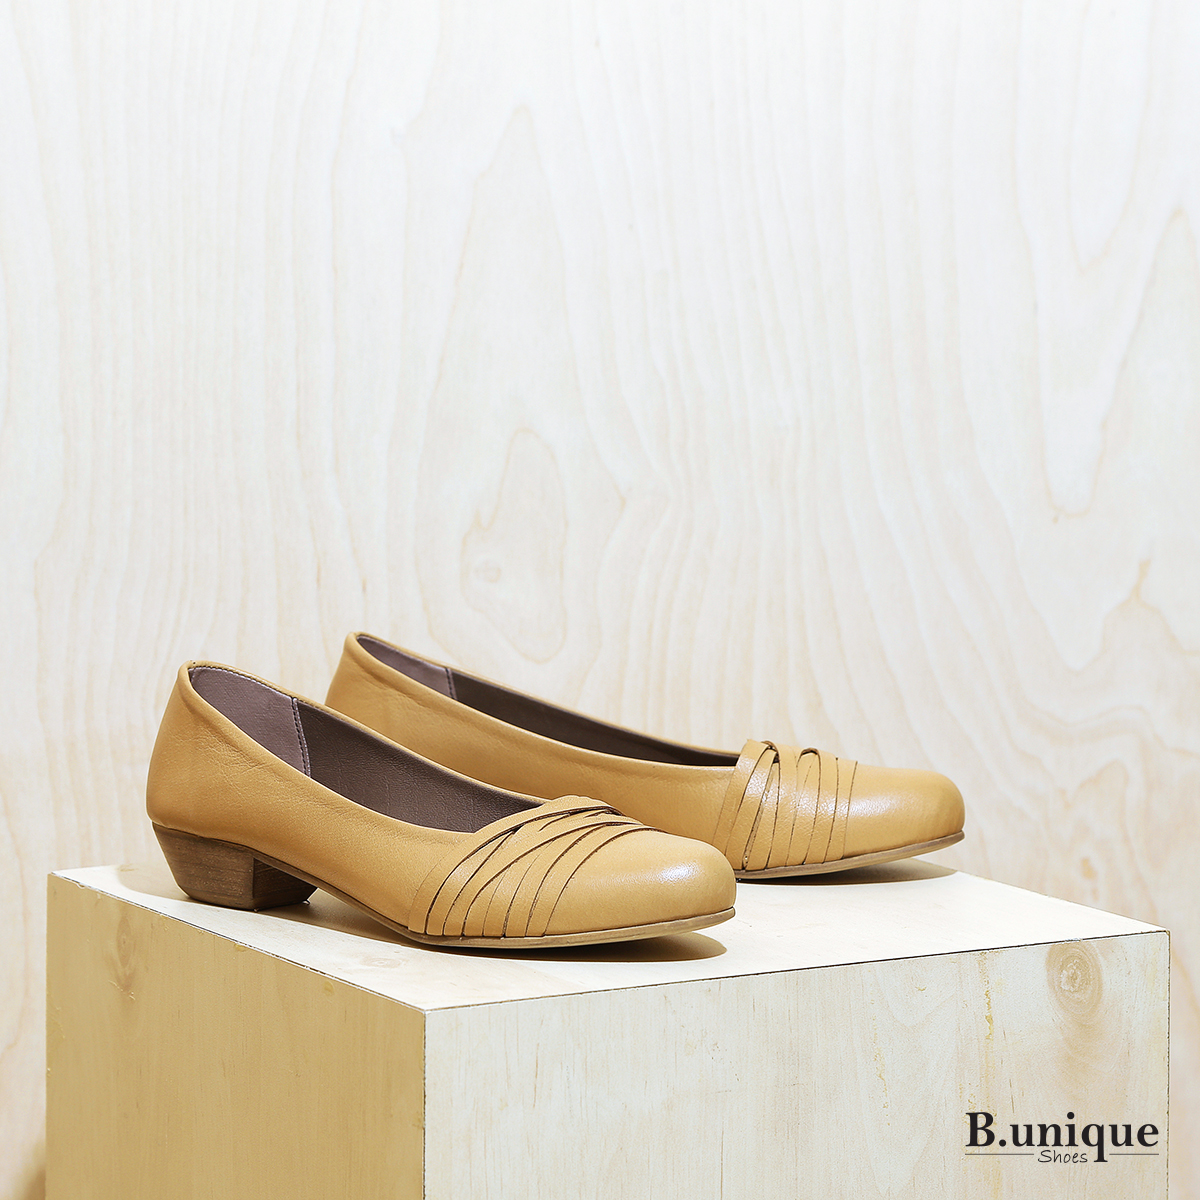 דגם הונגריה: נעלי בובה לנשים בצבע קאמל